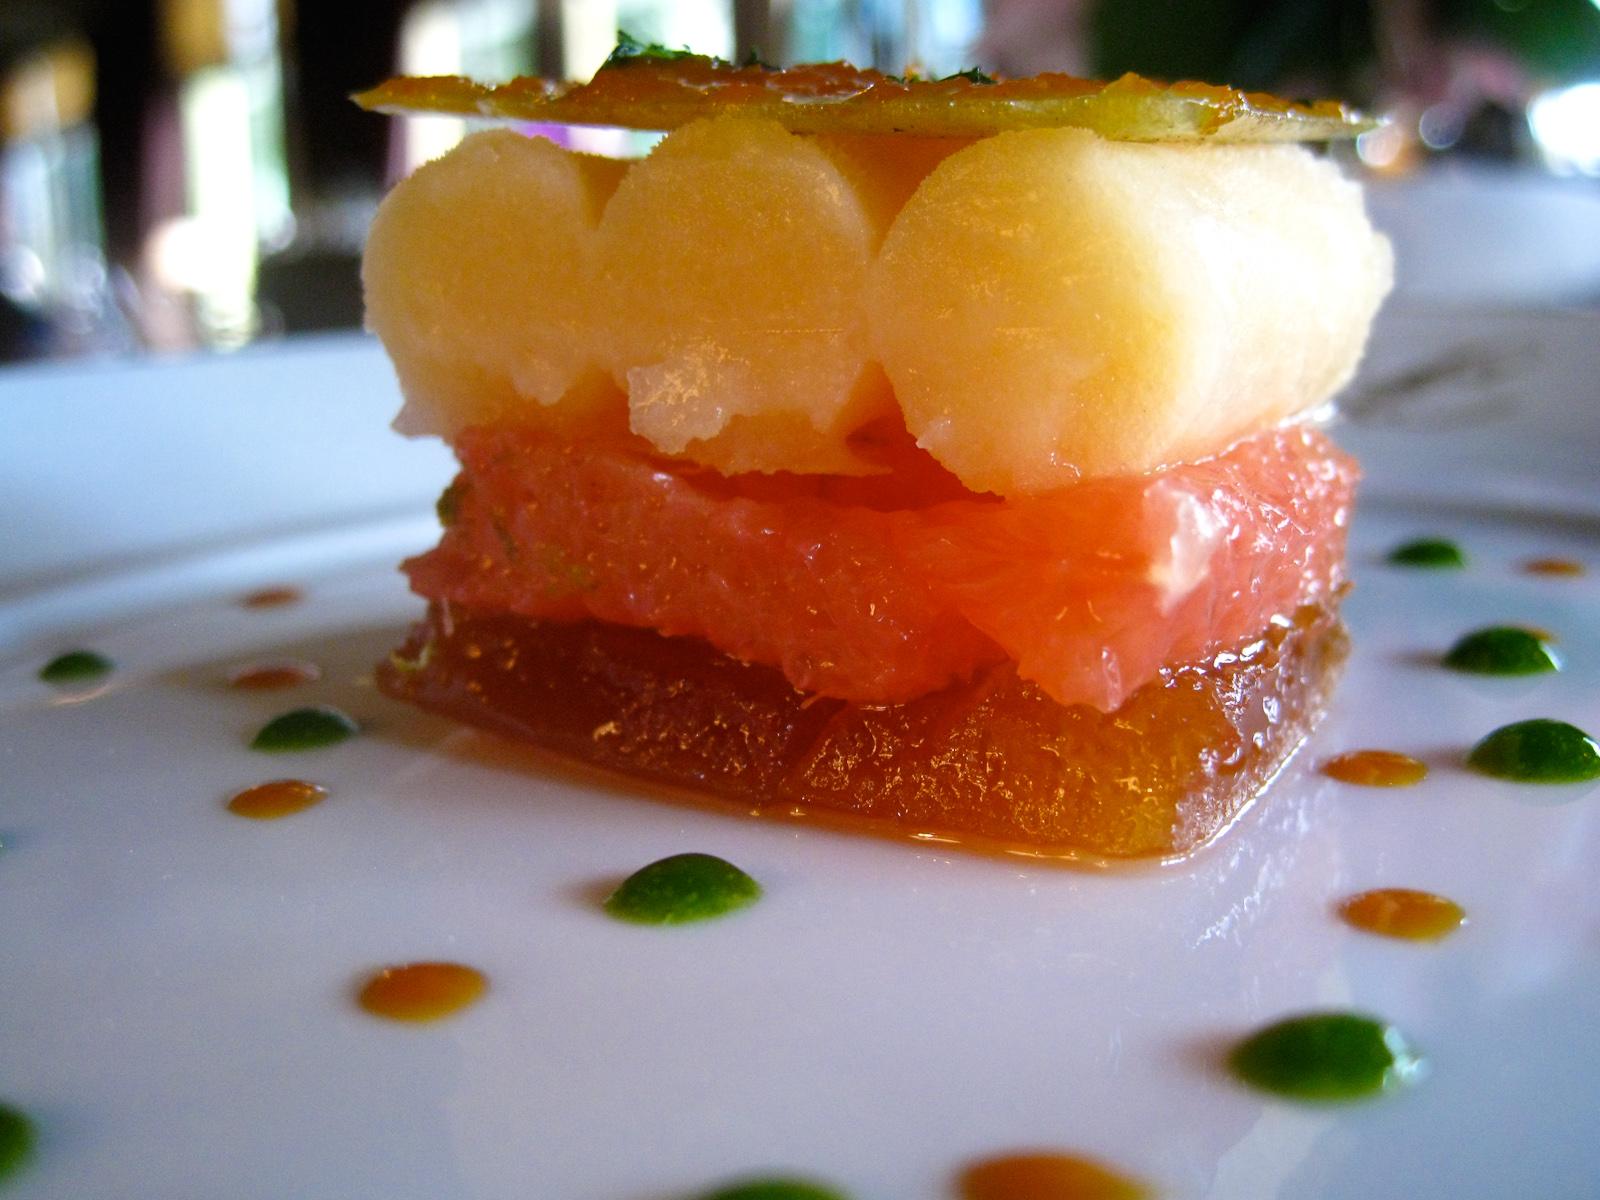 Ledoyen - Croquant de pamplemousse cuit et cru au citron vert